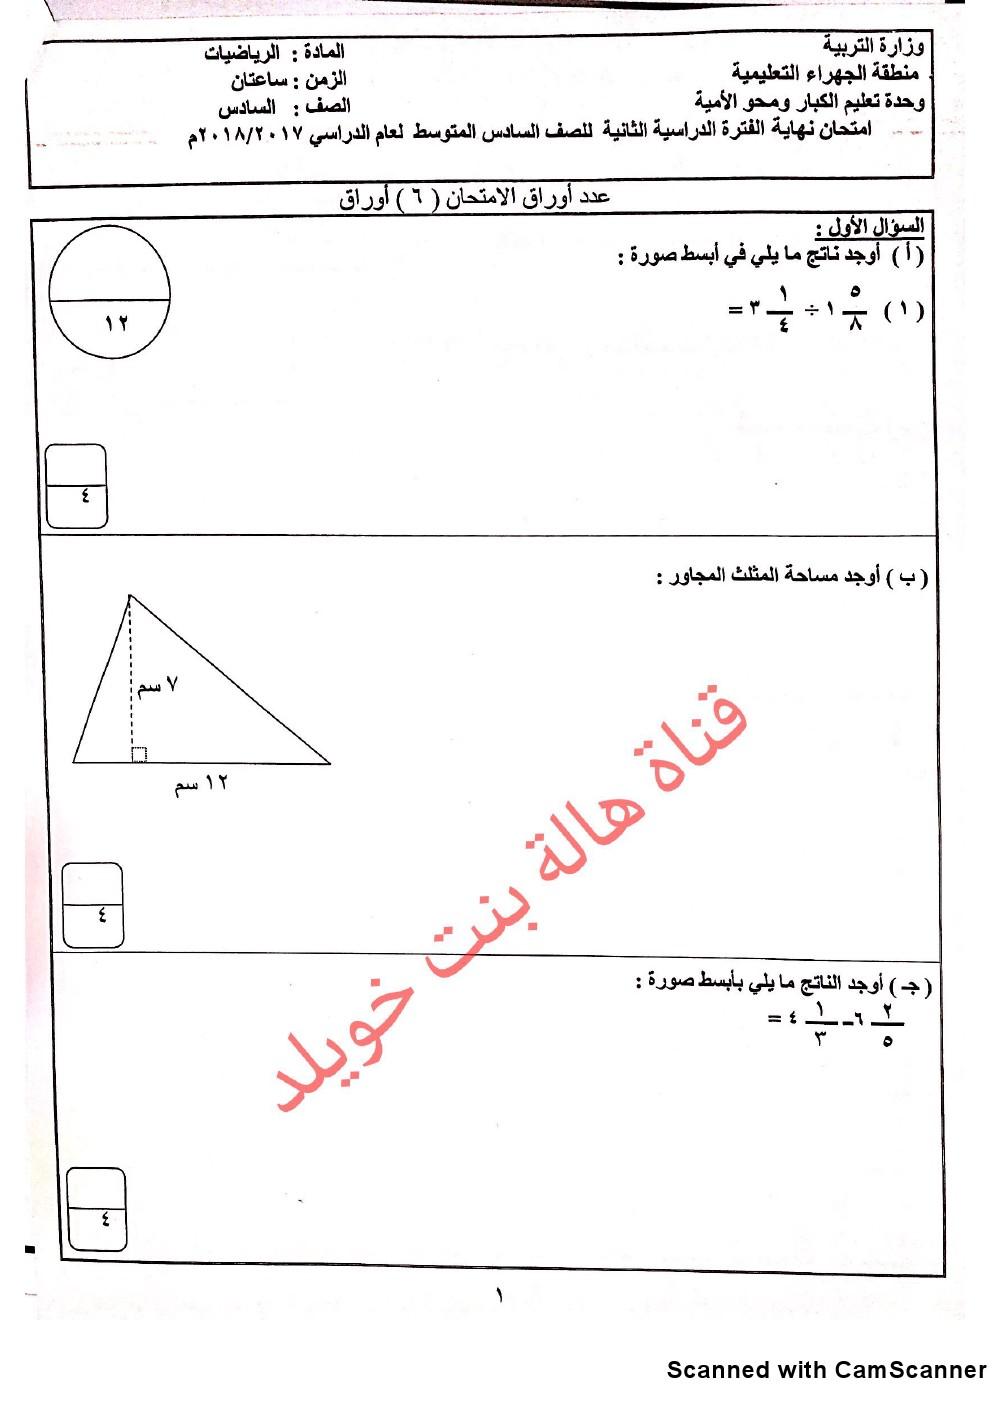 حل كتاب الرياضيات للصف الثاني مراكز تعليم الكبار